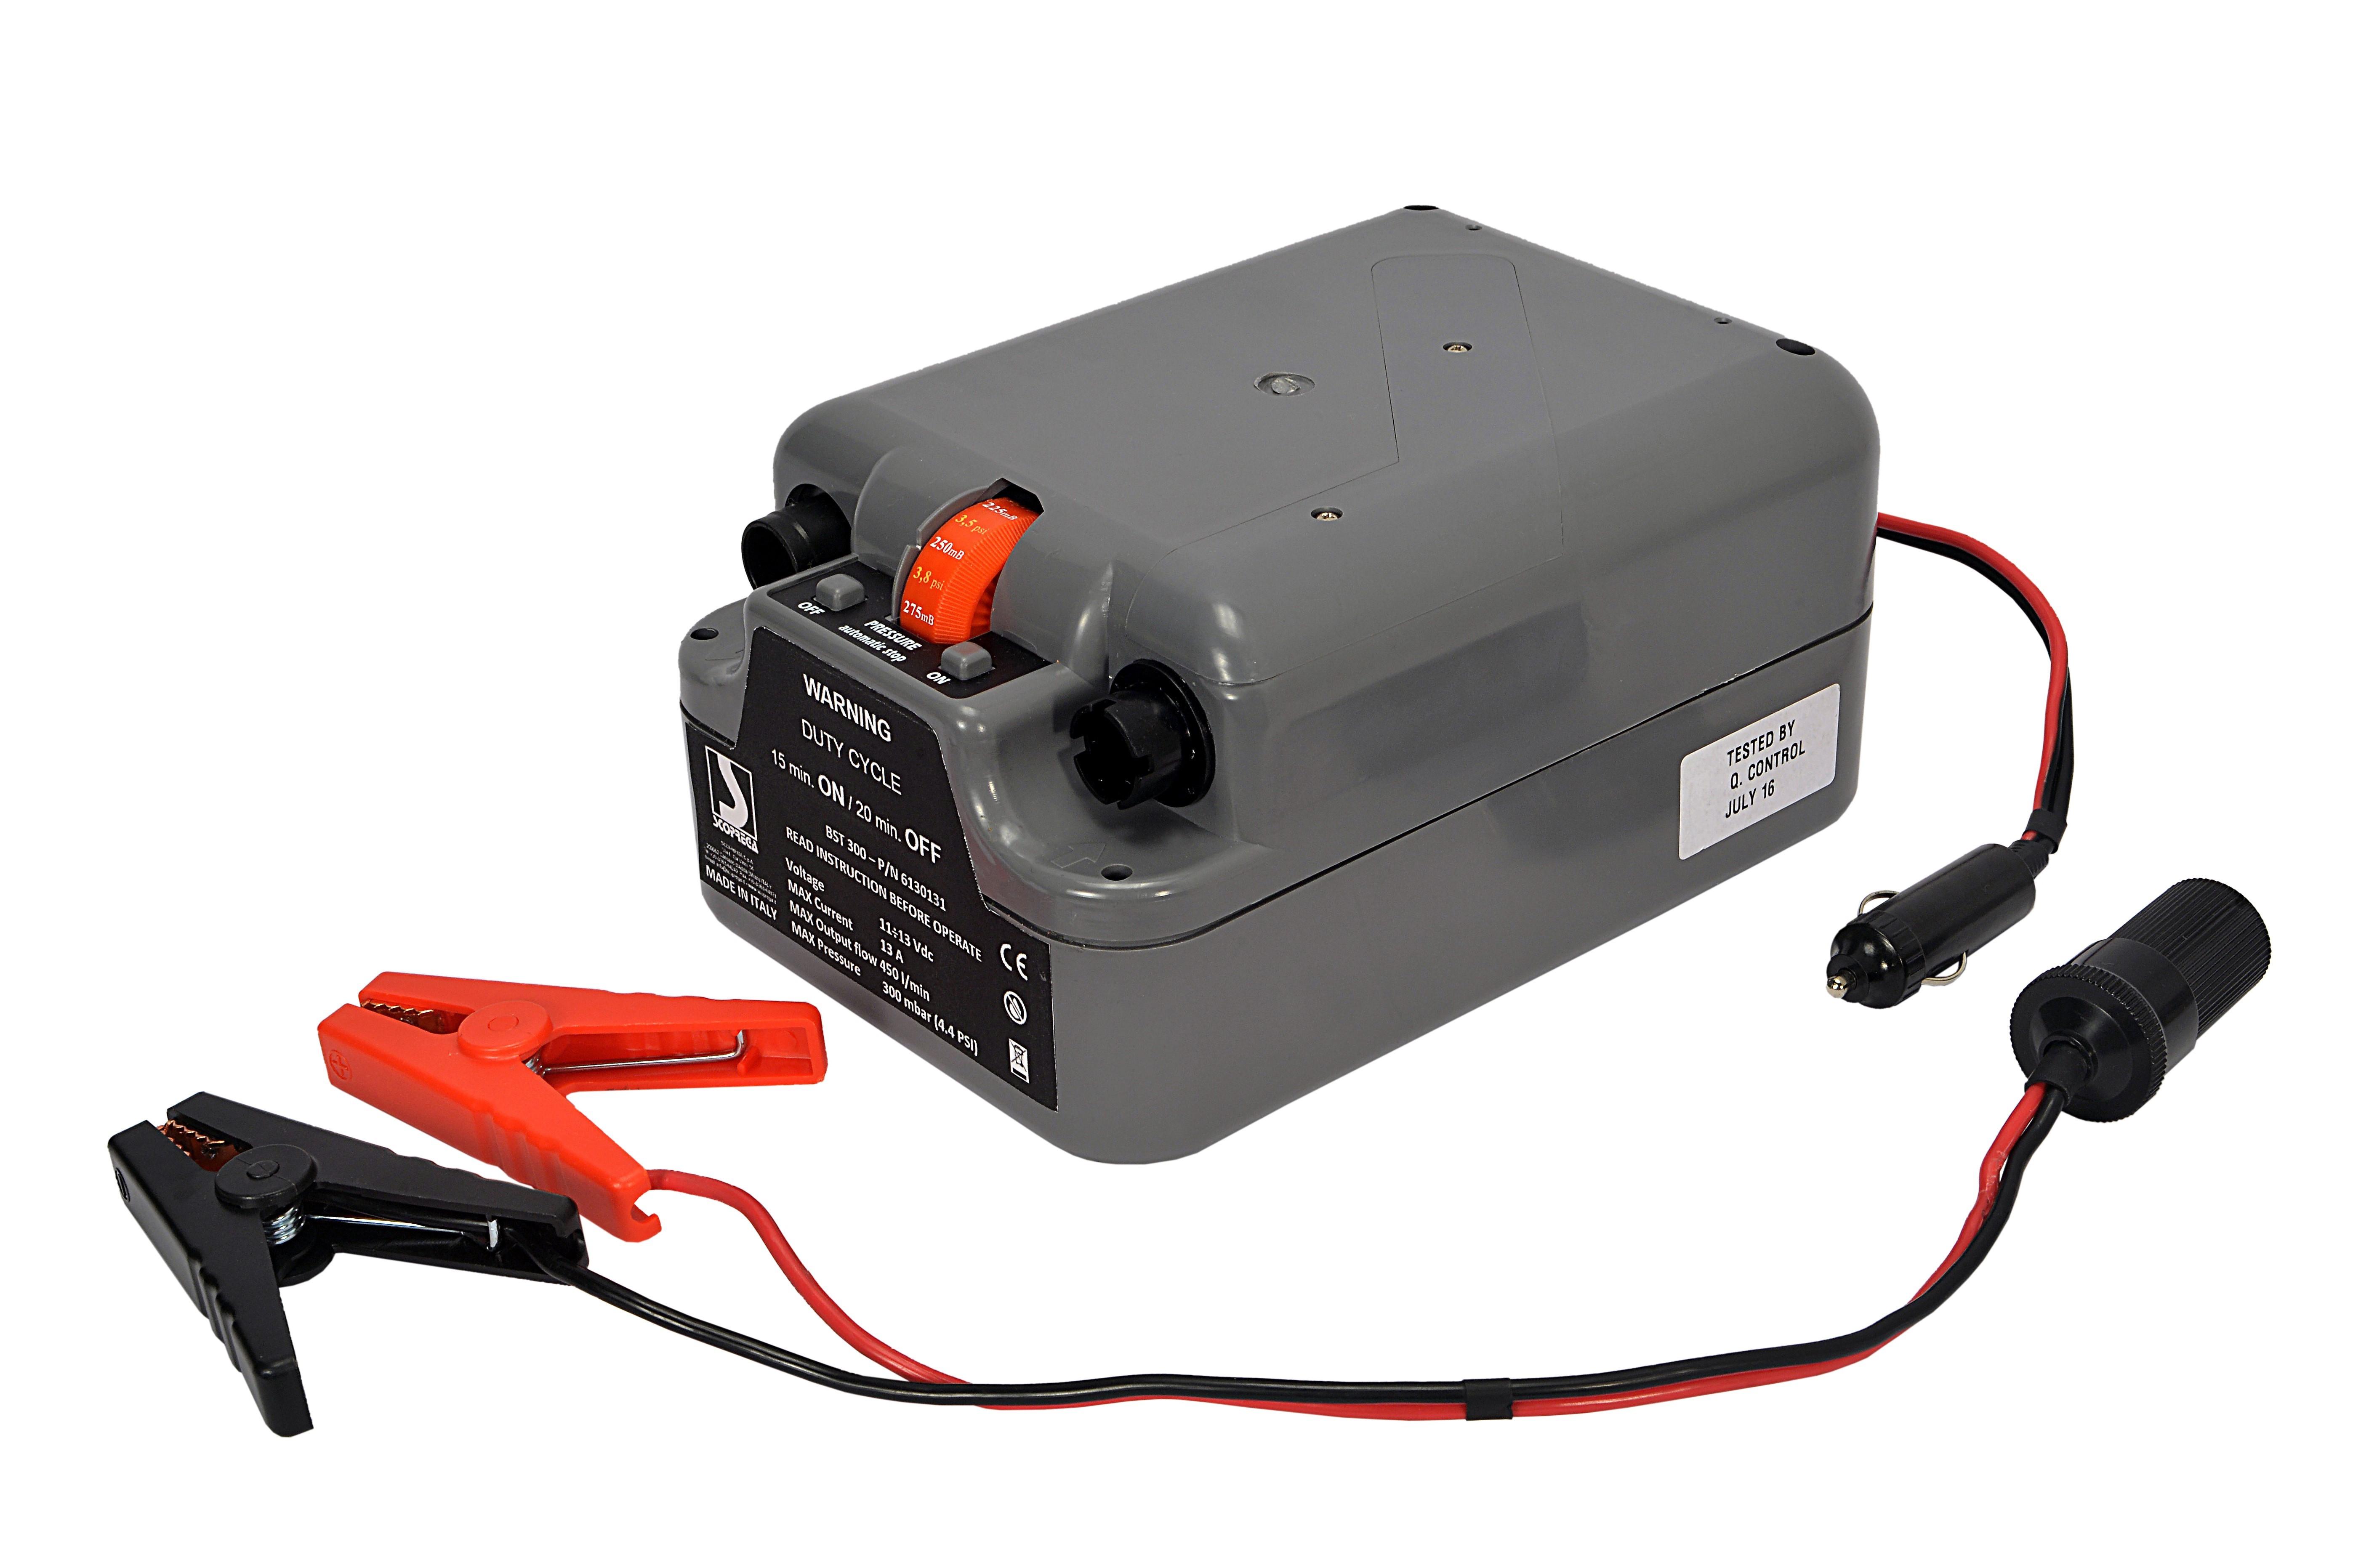 207.75 - Τρόμπα Ηλεκτρική 450lt/min